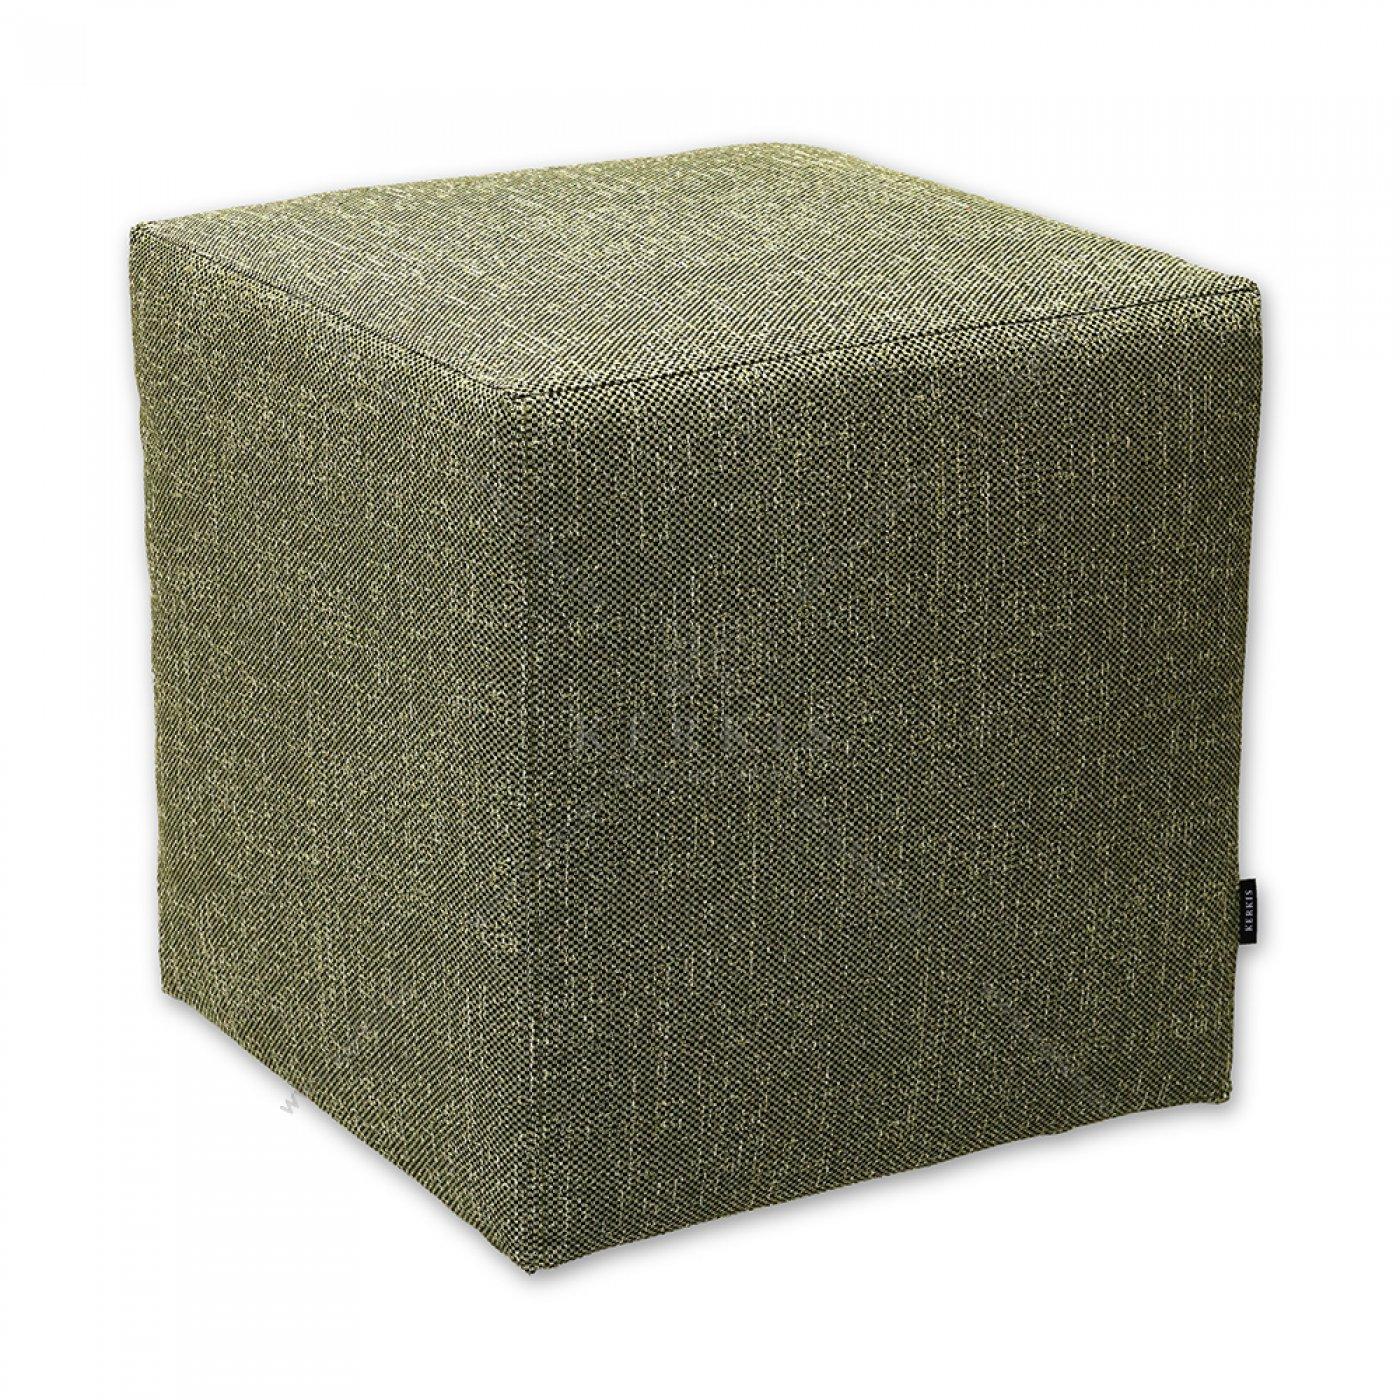 Σκαμπό κύβος κατασκευασμένος από την Kerkis Tailormade Comfort, ιδανικός για συμπληρωματικό κάθισμα σε καφετέριες και μπαράκια!